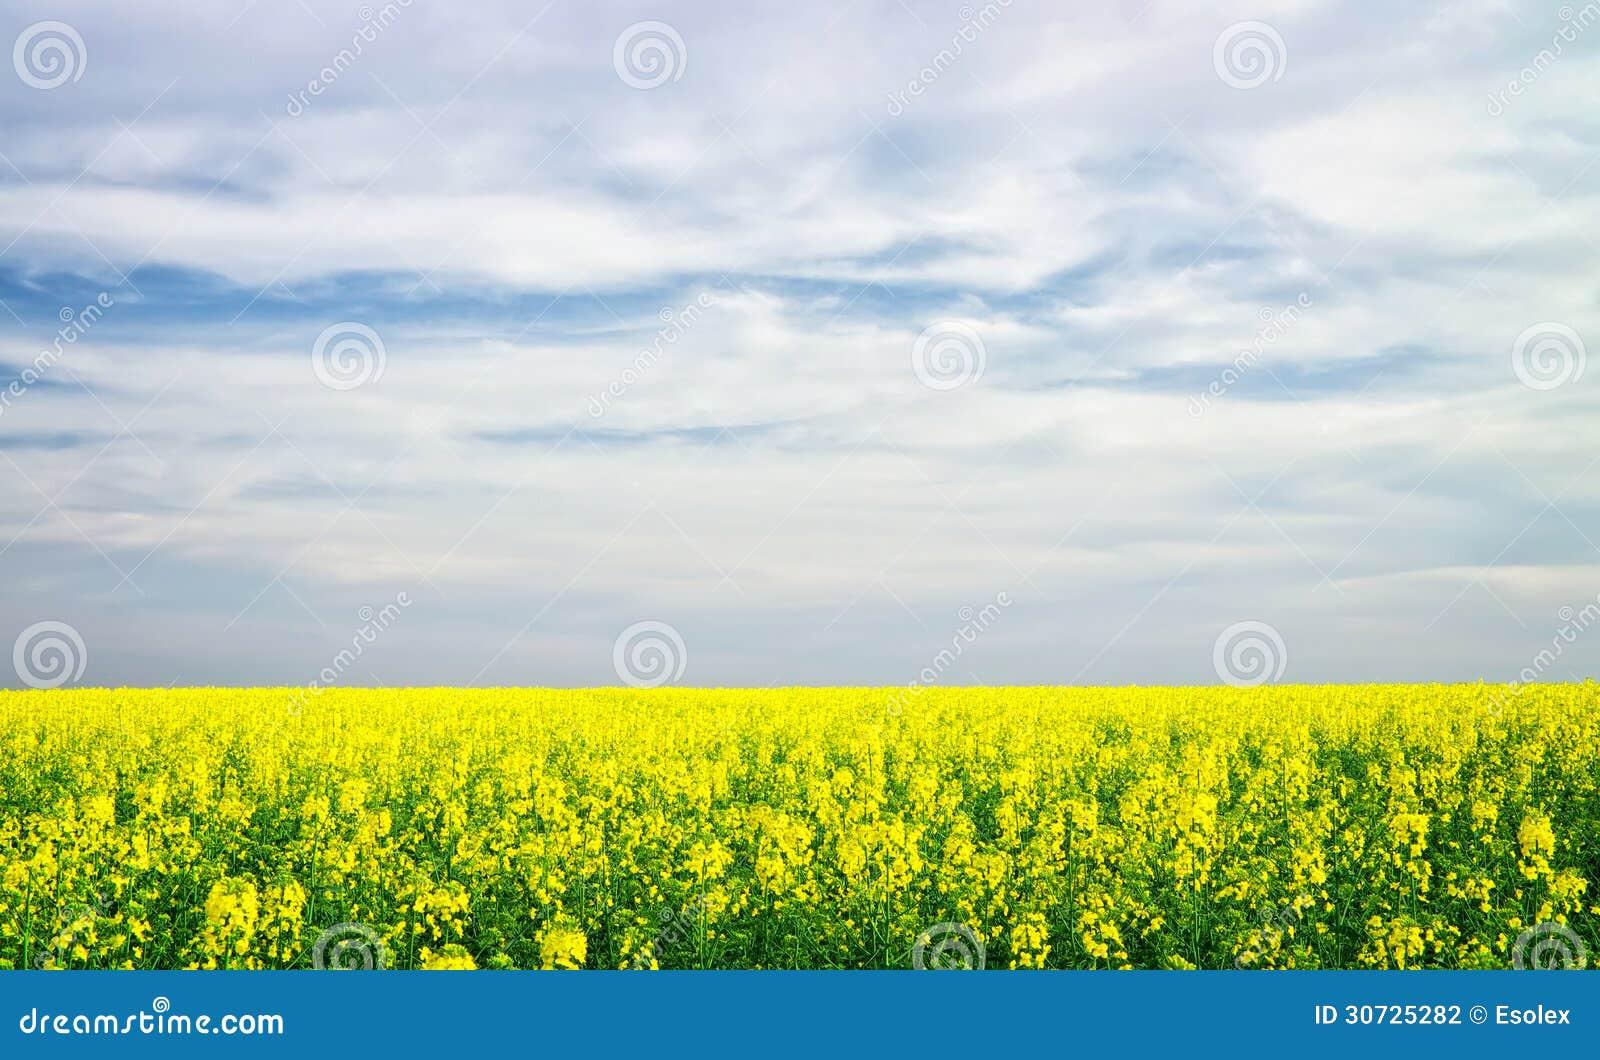 beautiful yellow field landscape - photo #22